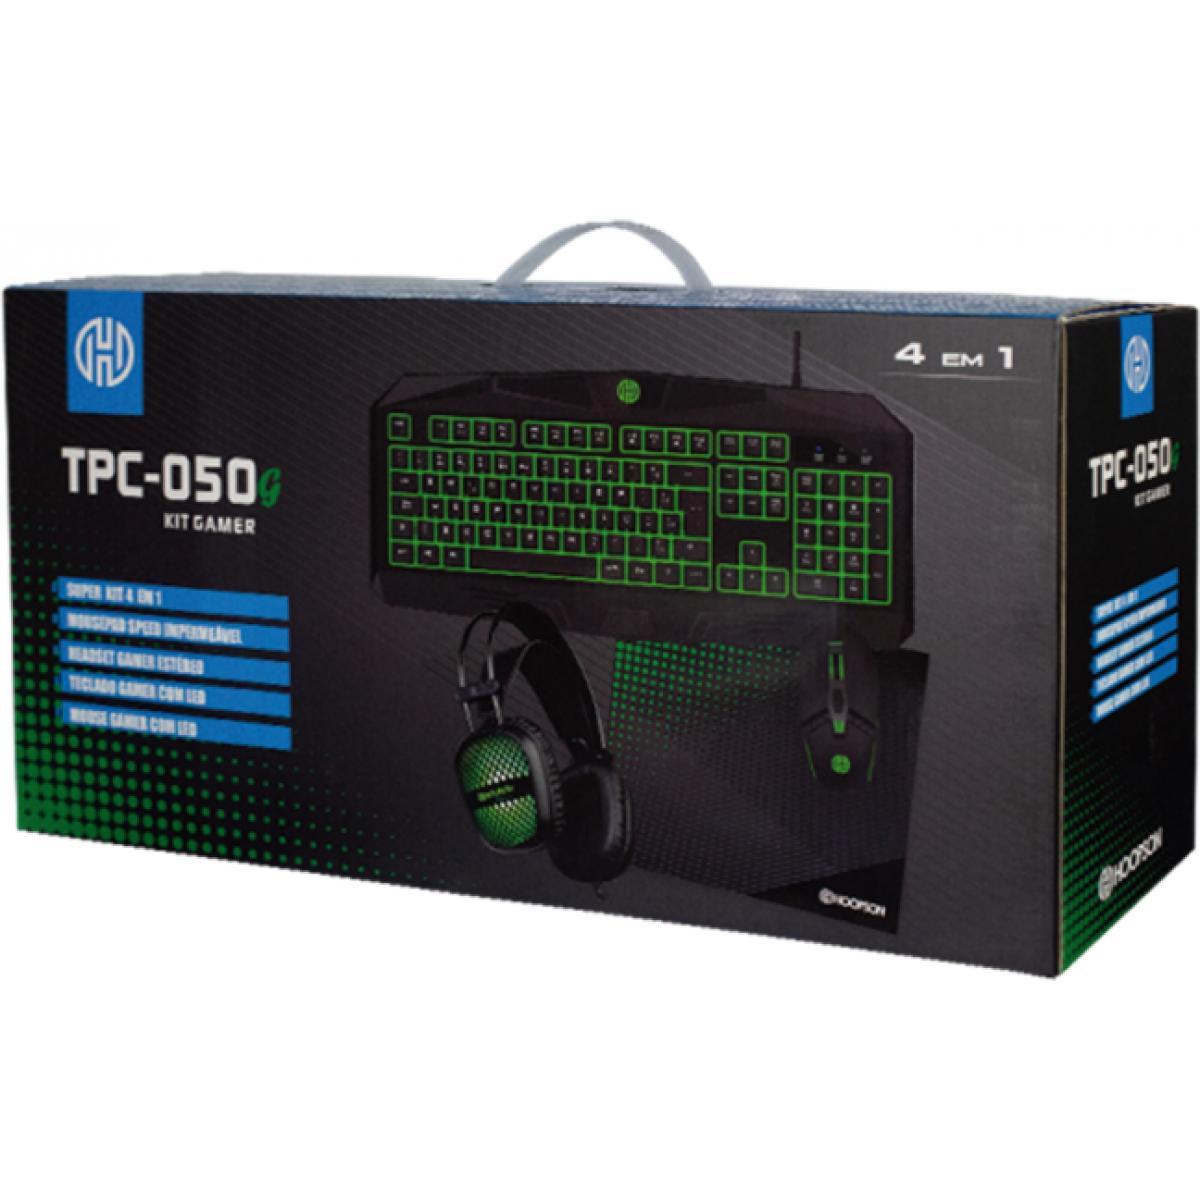 Combo Gamer Hoopson 4 em 1, Teclado, Mouse, Headset e Mousepad, Green, TPC-050G